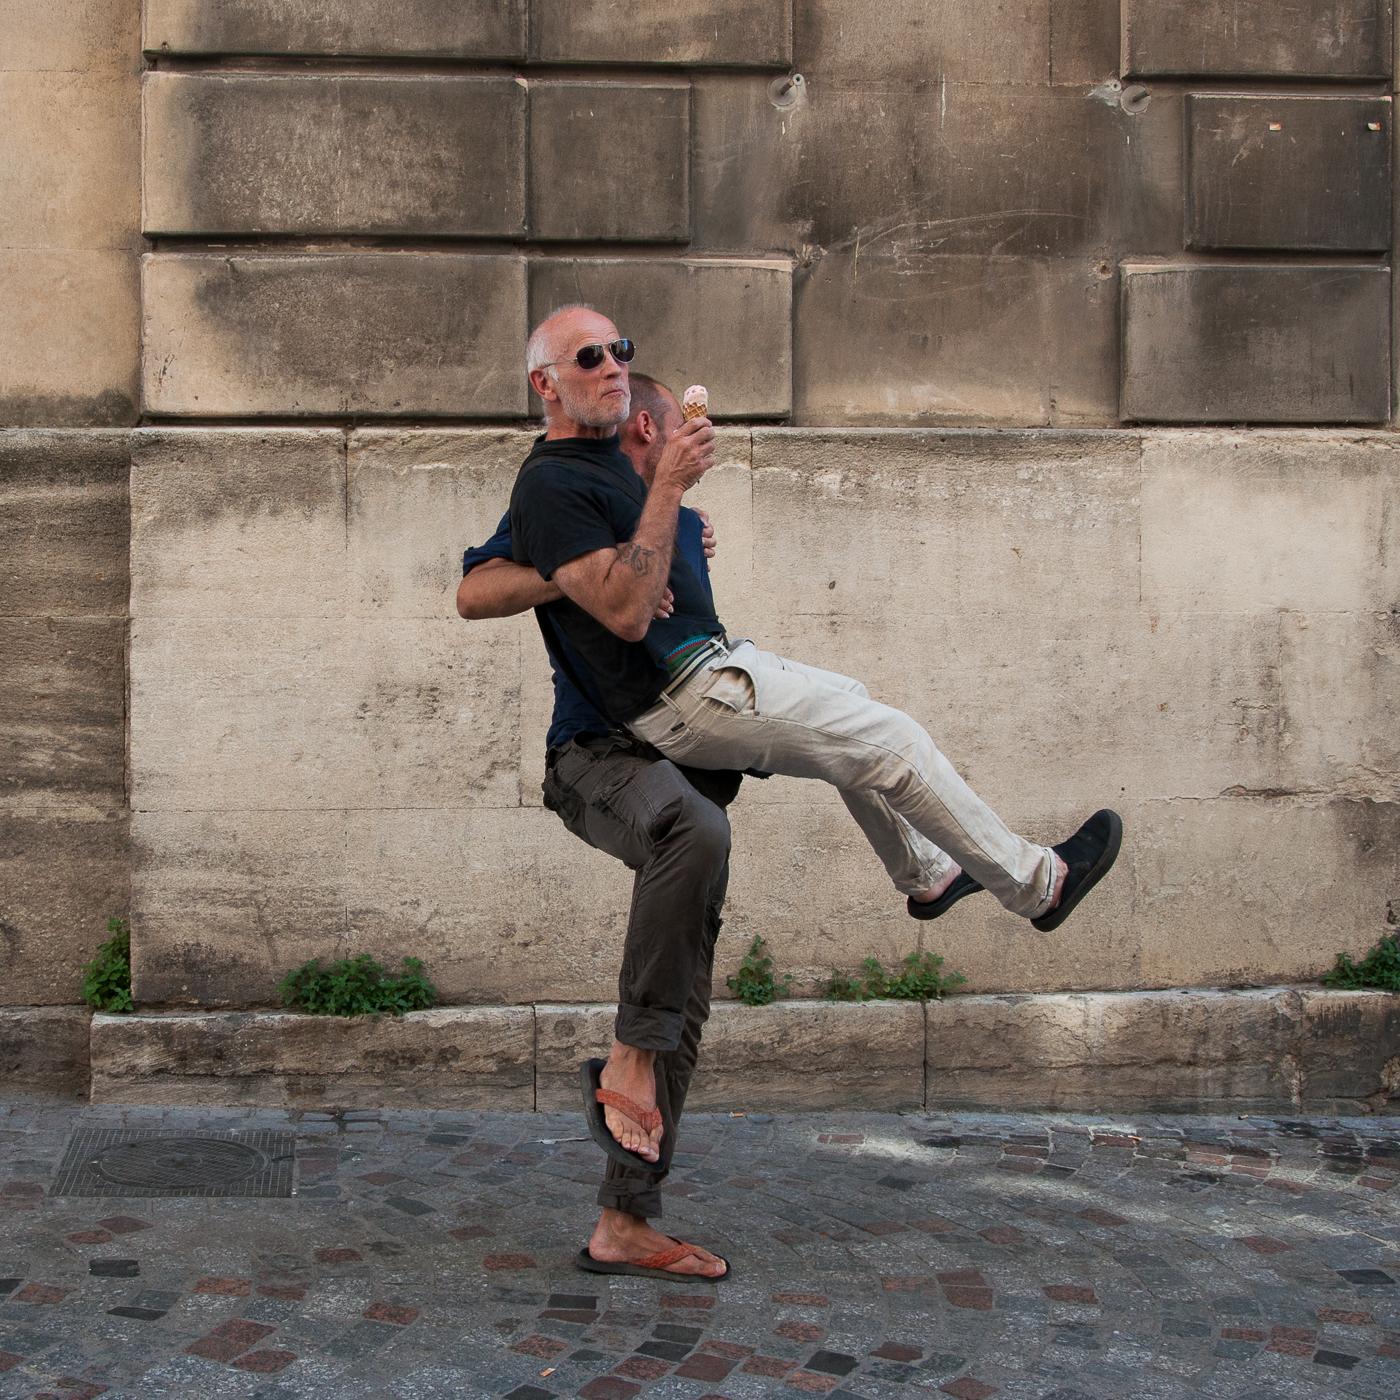 Arles 2015 - La glace